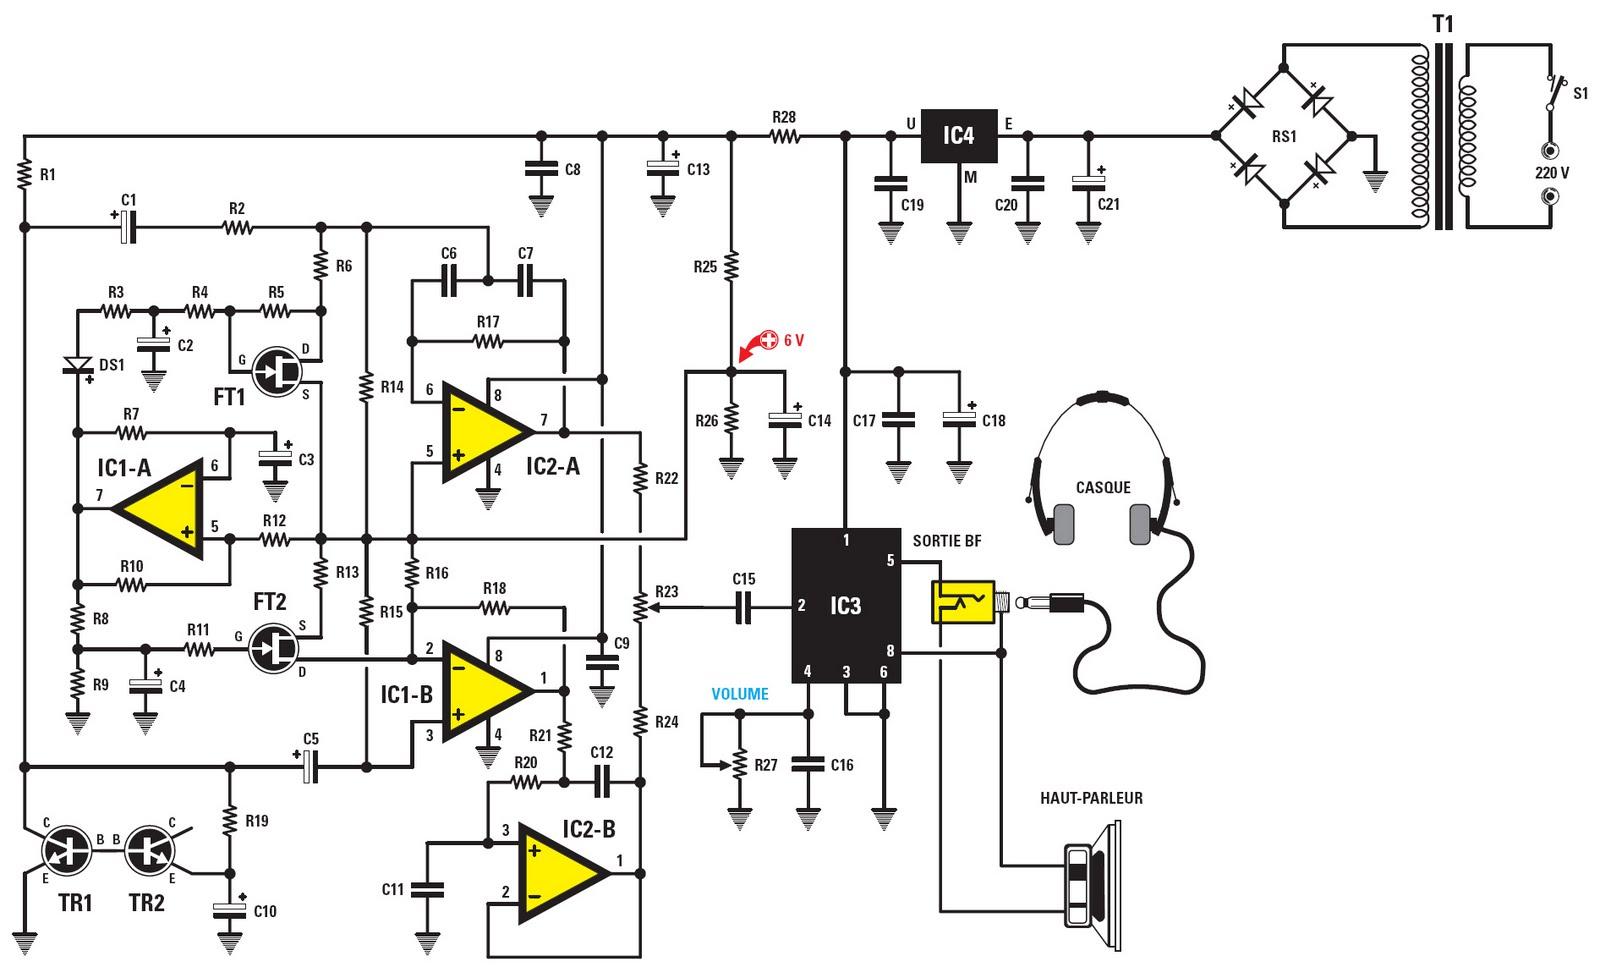 Figure 1 Schema Electrique Du Generateur D Ondes